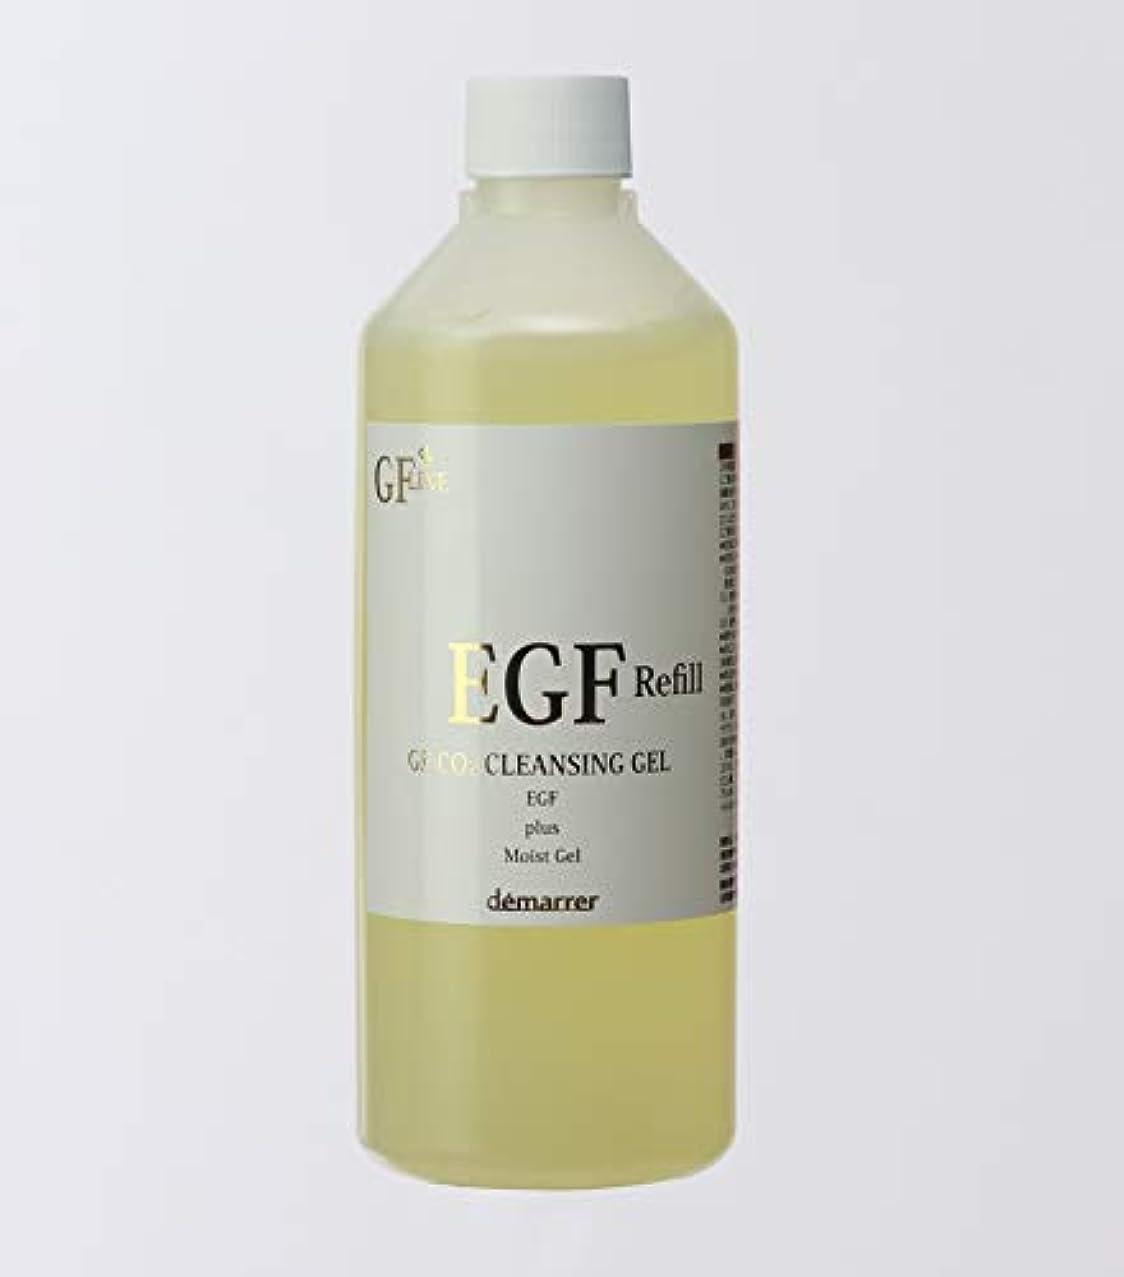 上院でひらめきデマレ GF 炭酸洗顔クレンジング 400g レフィル